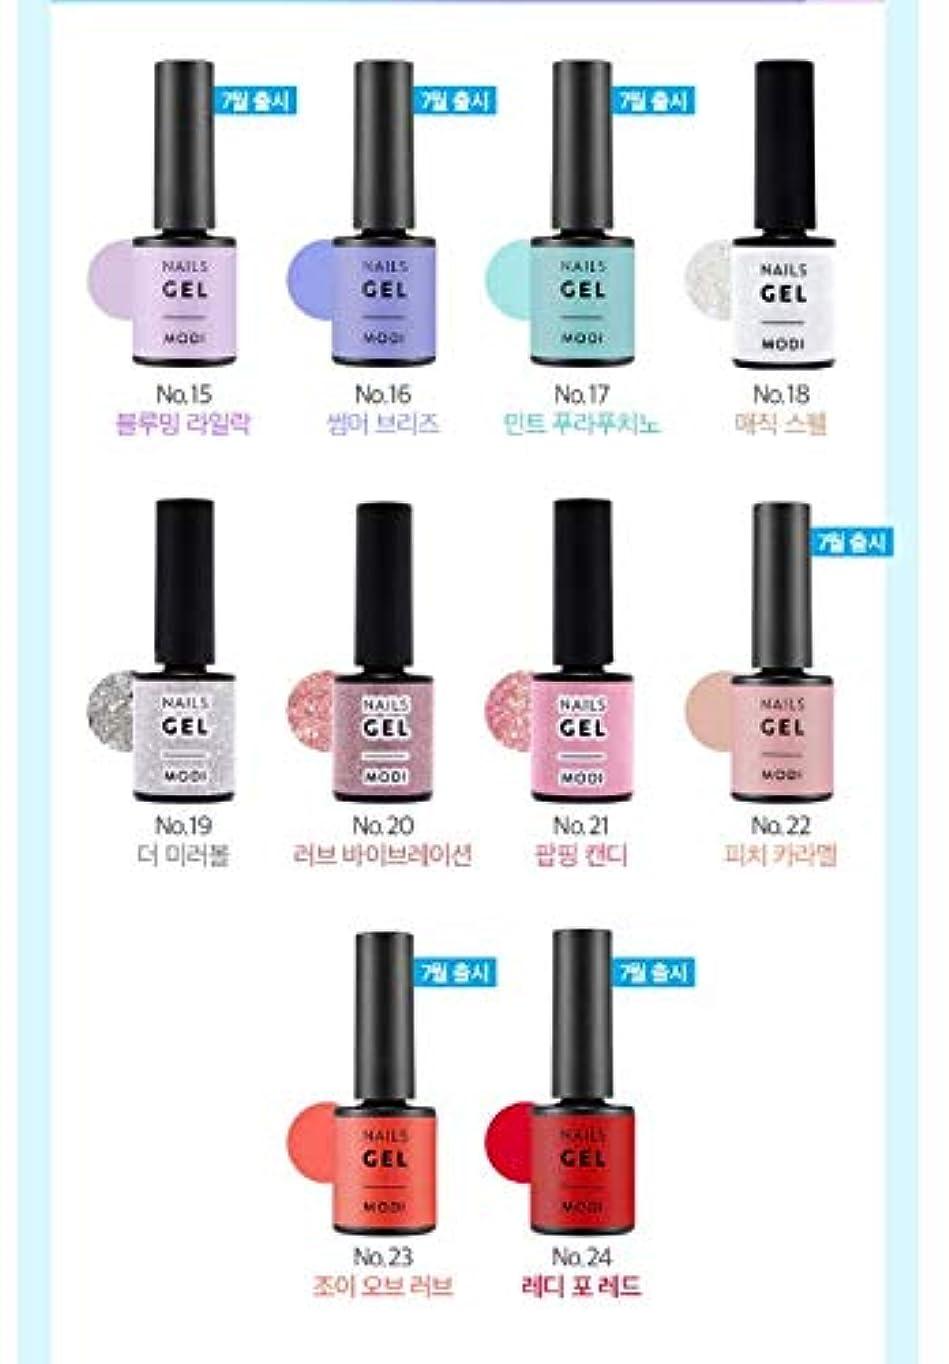 データ邪悪なミント【アリタウム.aritaum]モディファイゲルネイルズ(9g)/ Modi Gel nails (#7 sweet burgundy)